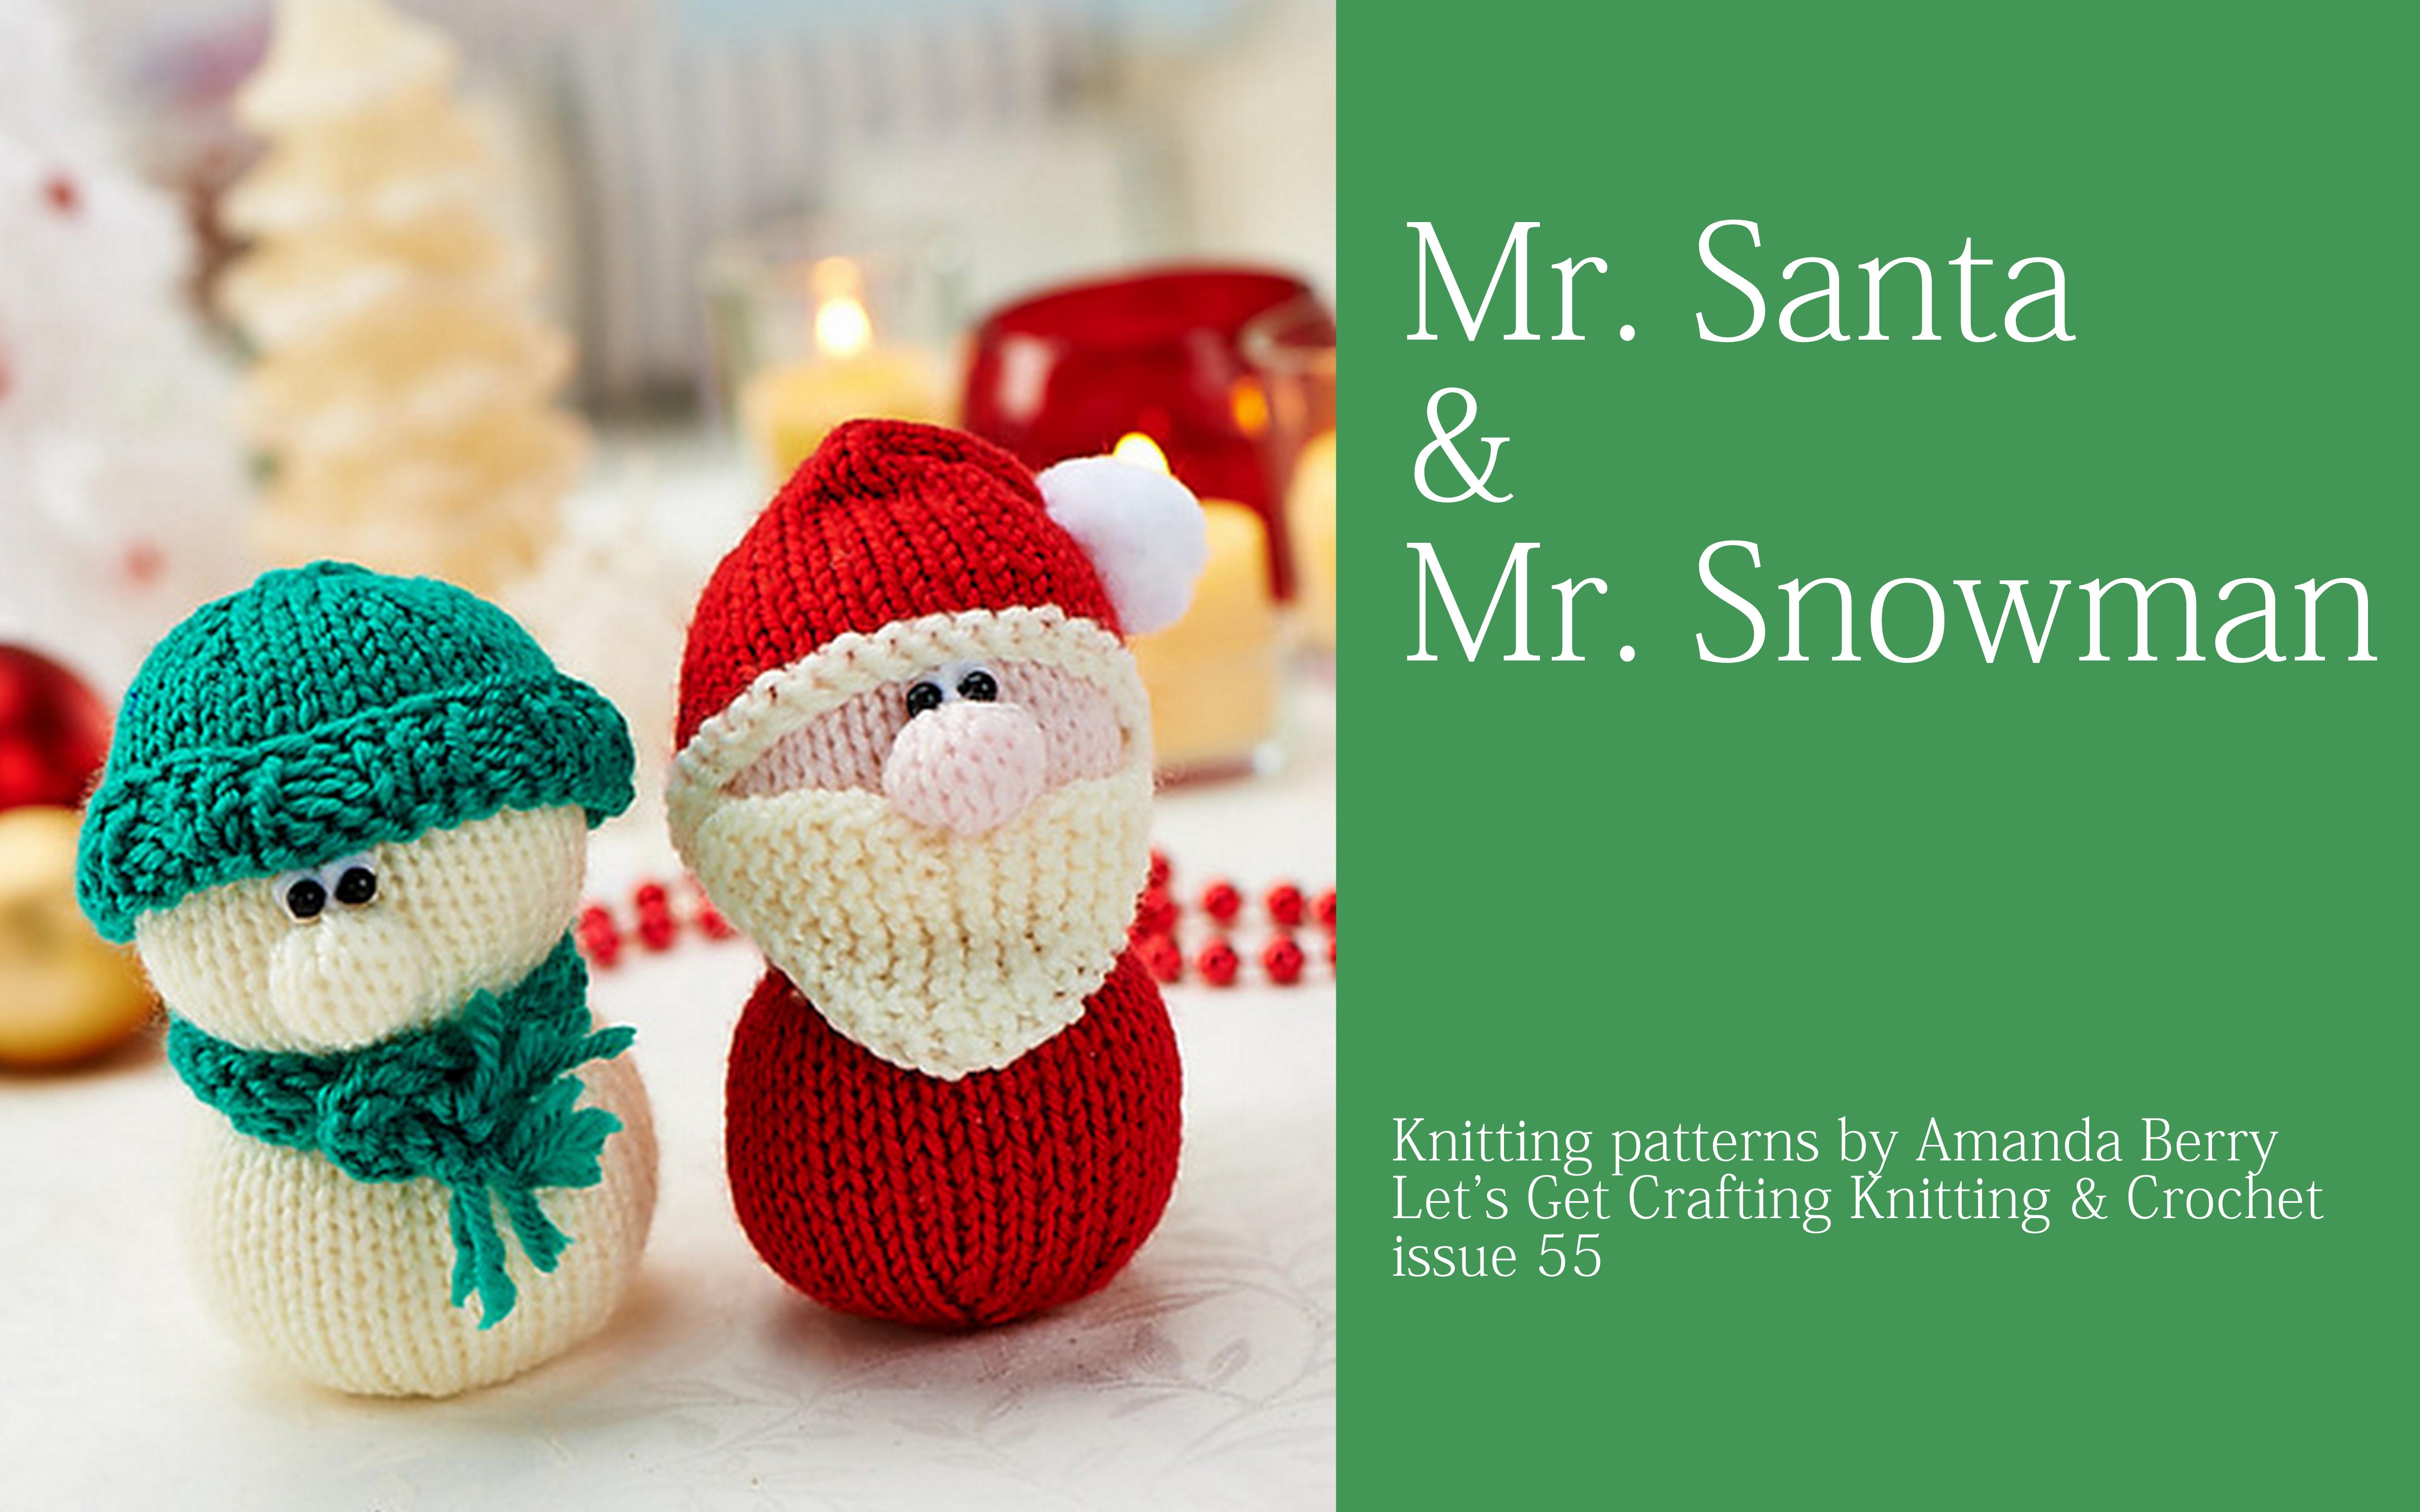 knitting pattern designs by Amanda Berry